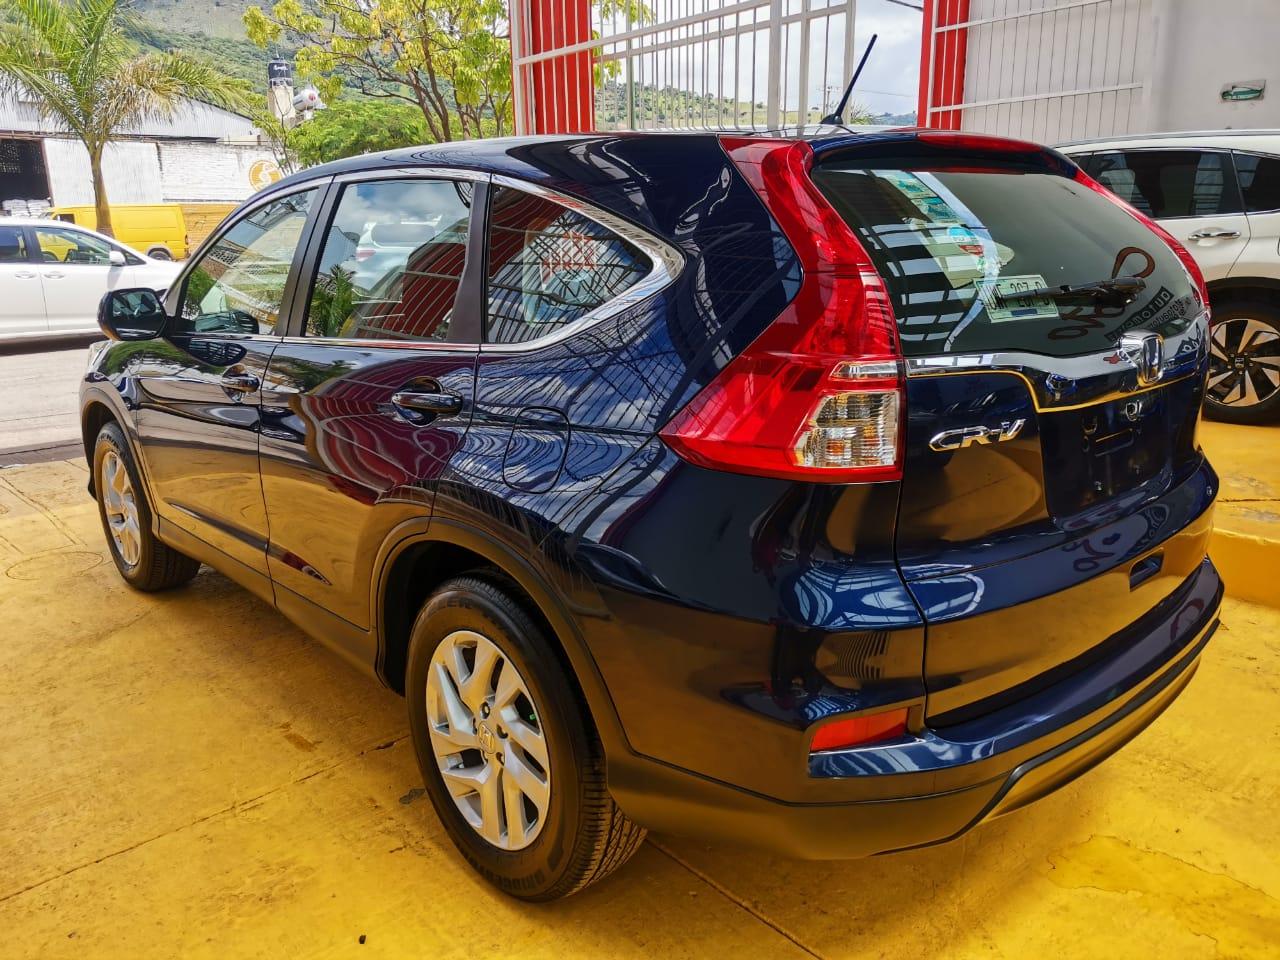 Honda Cr-v, 2016 Lx lleno